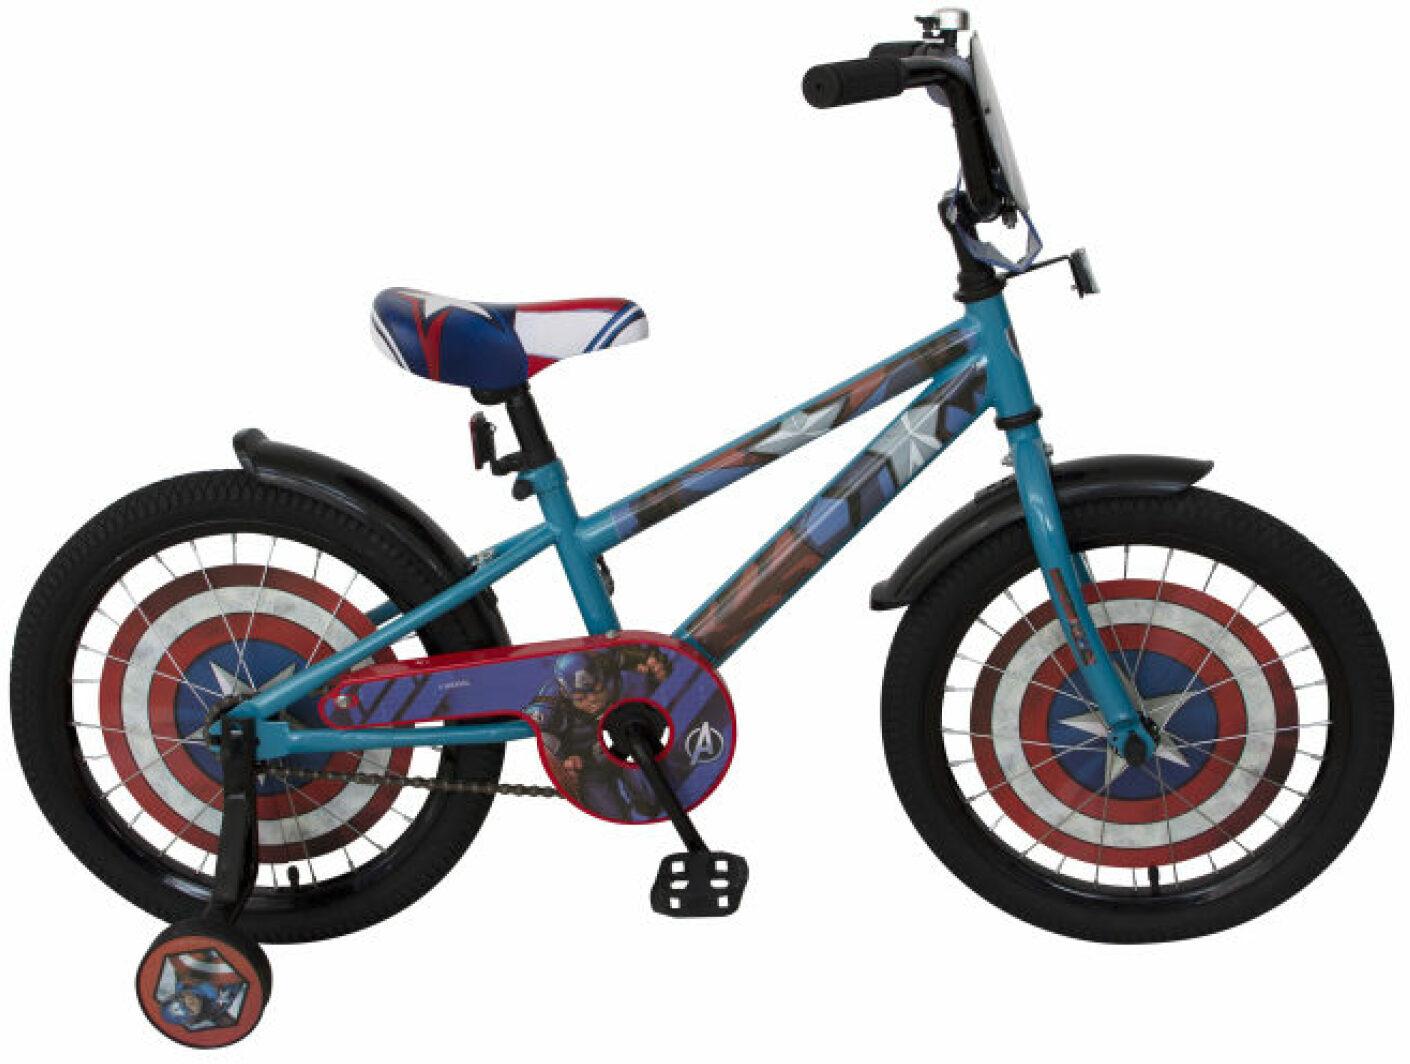 Велосипед детский Marvel Мстители. Капитан Америка, ВН18103, синий, черный, колесо 18